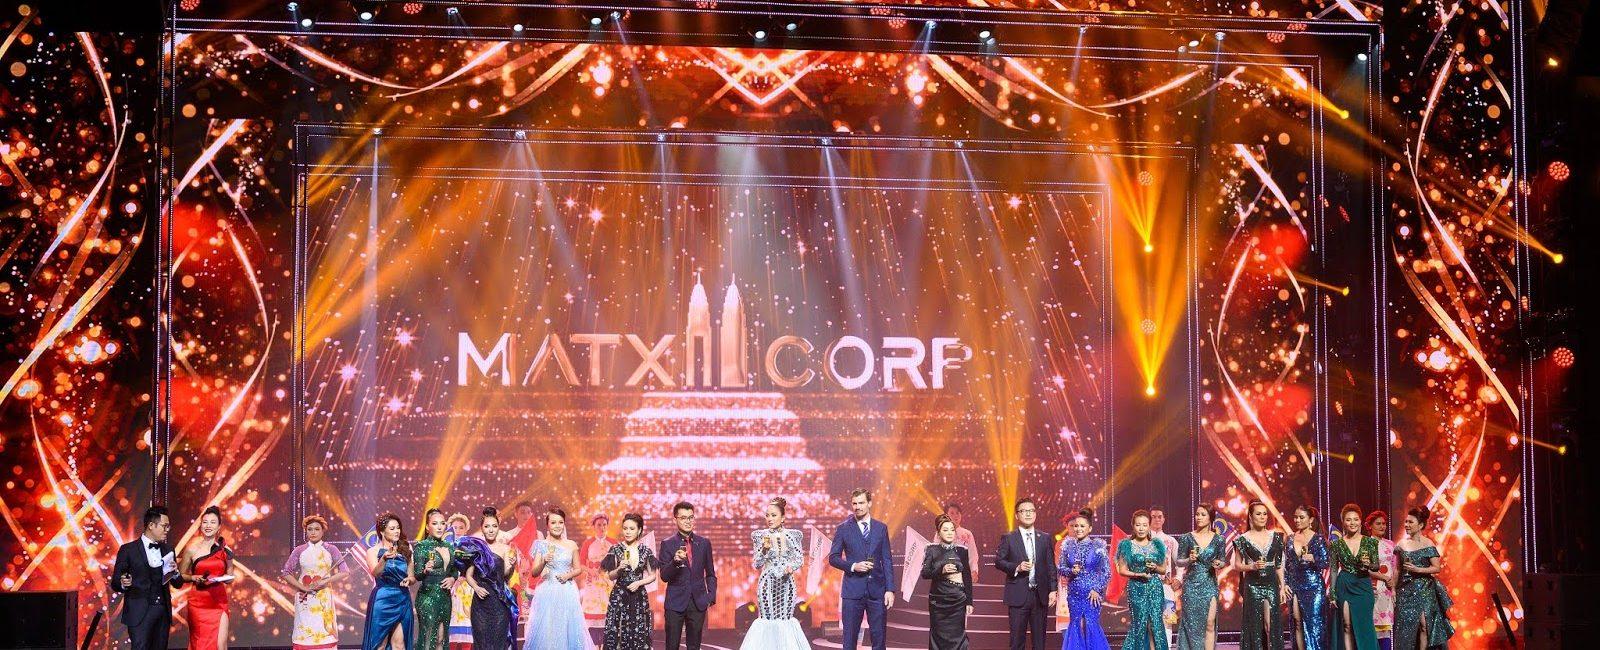 Matxi Corp 2nd Year Anniversary